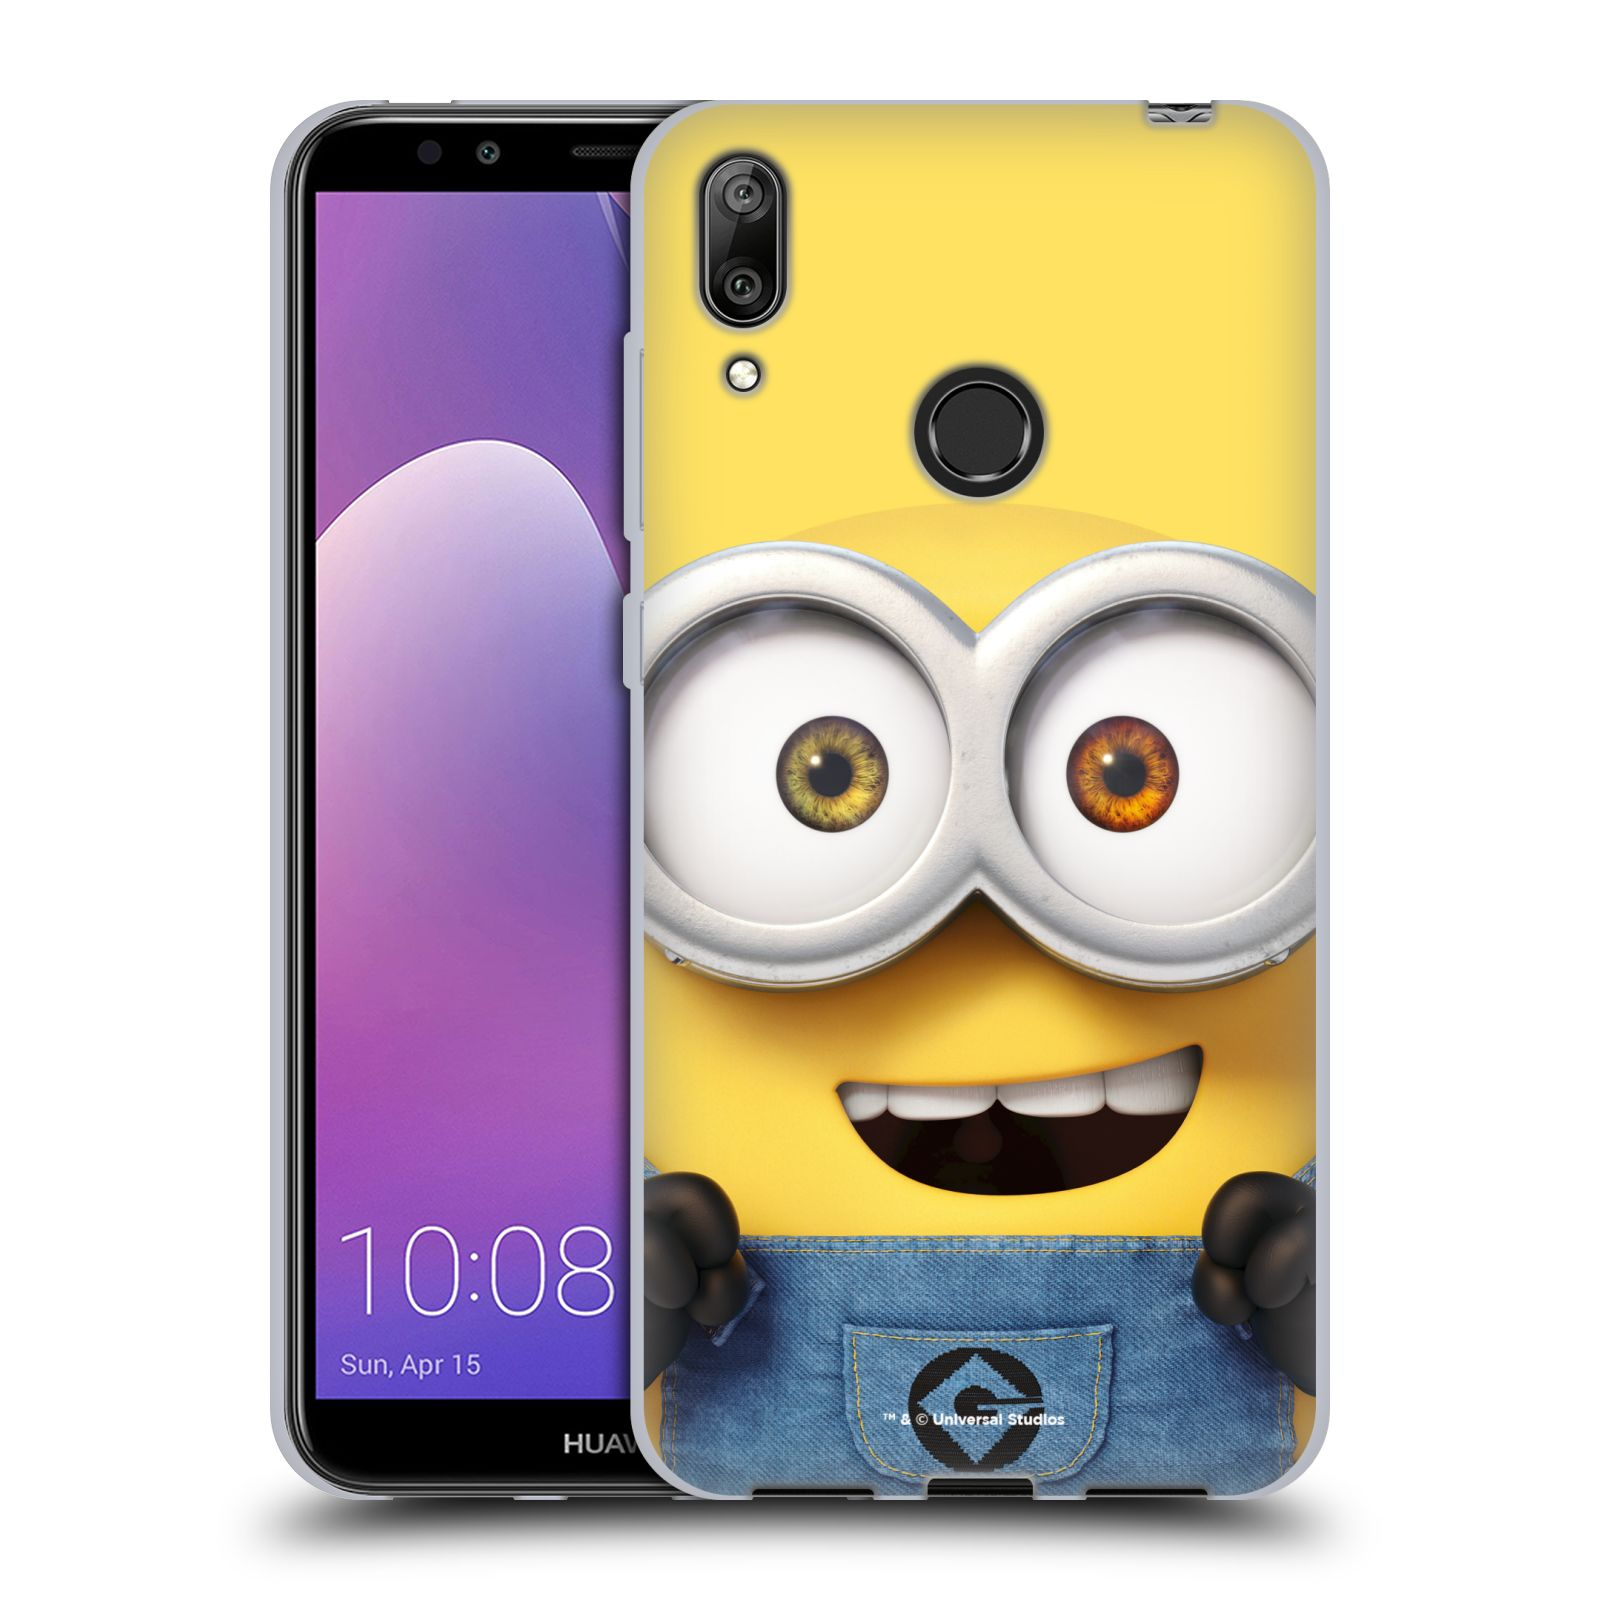 Silikonové pouzdro na mobil Huawei Y7 (2019) - Head Case - Mimoň Bob z filmu Já, padouch - Despicable Me